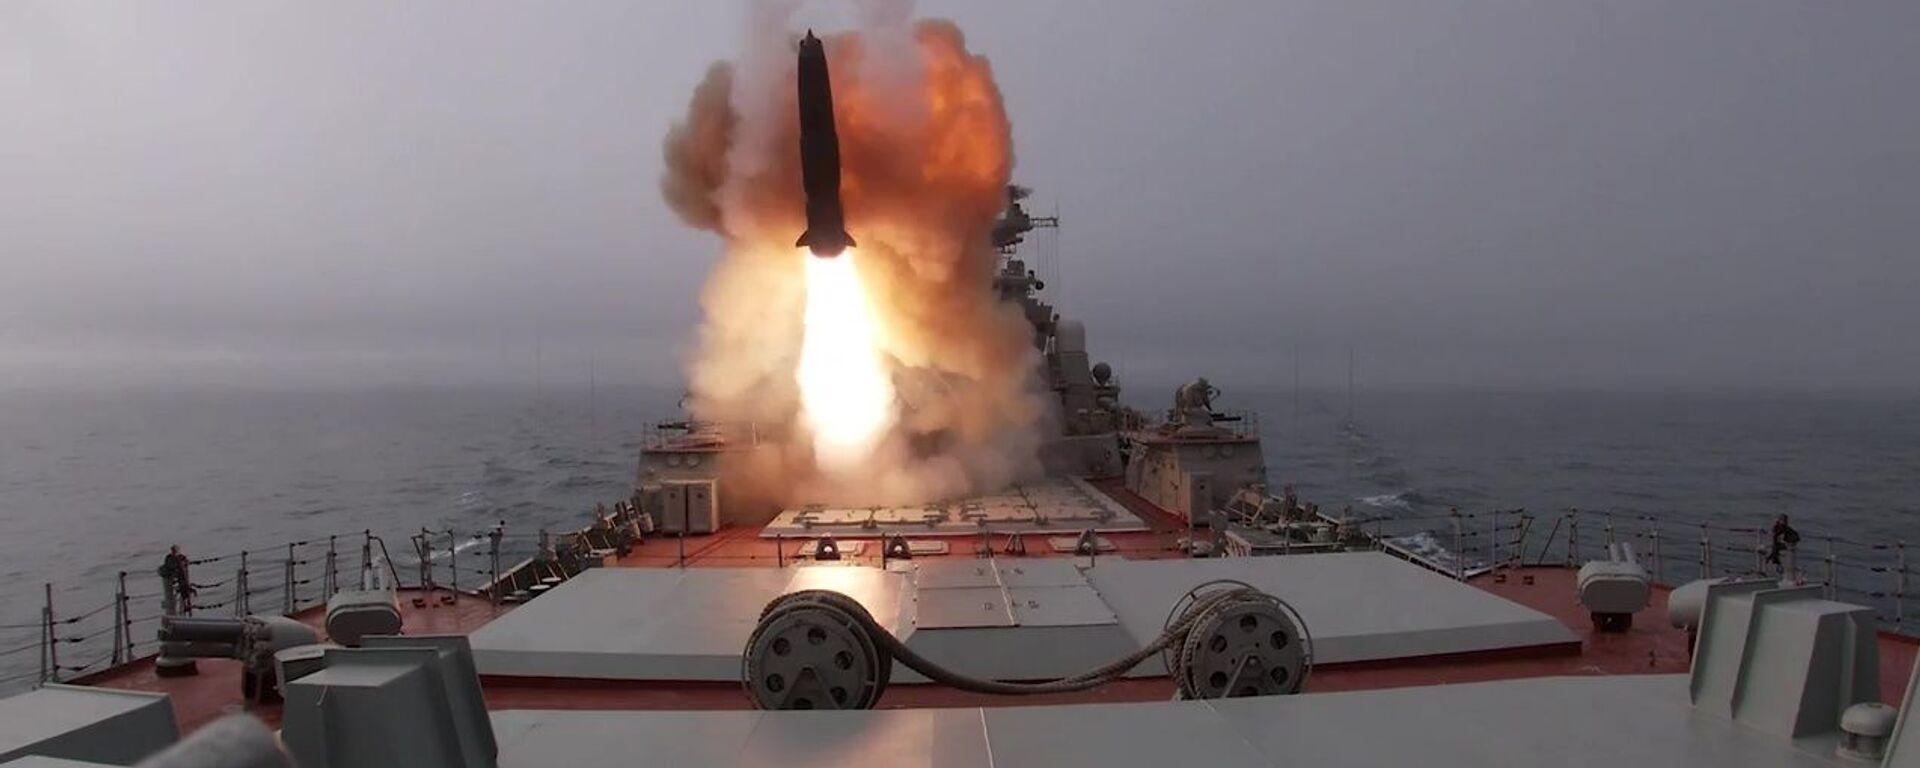 """Противбродске ракете """"Гранит"""" и """"Вулкан"""" коришћене на вежбама Северне флоте - Sputnik Србија, 1920, 16.05.2021"""